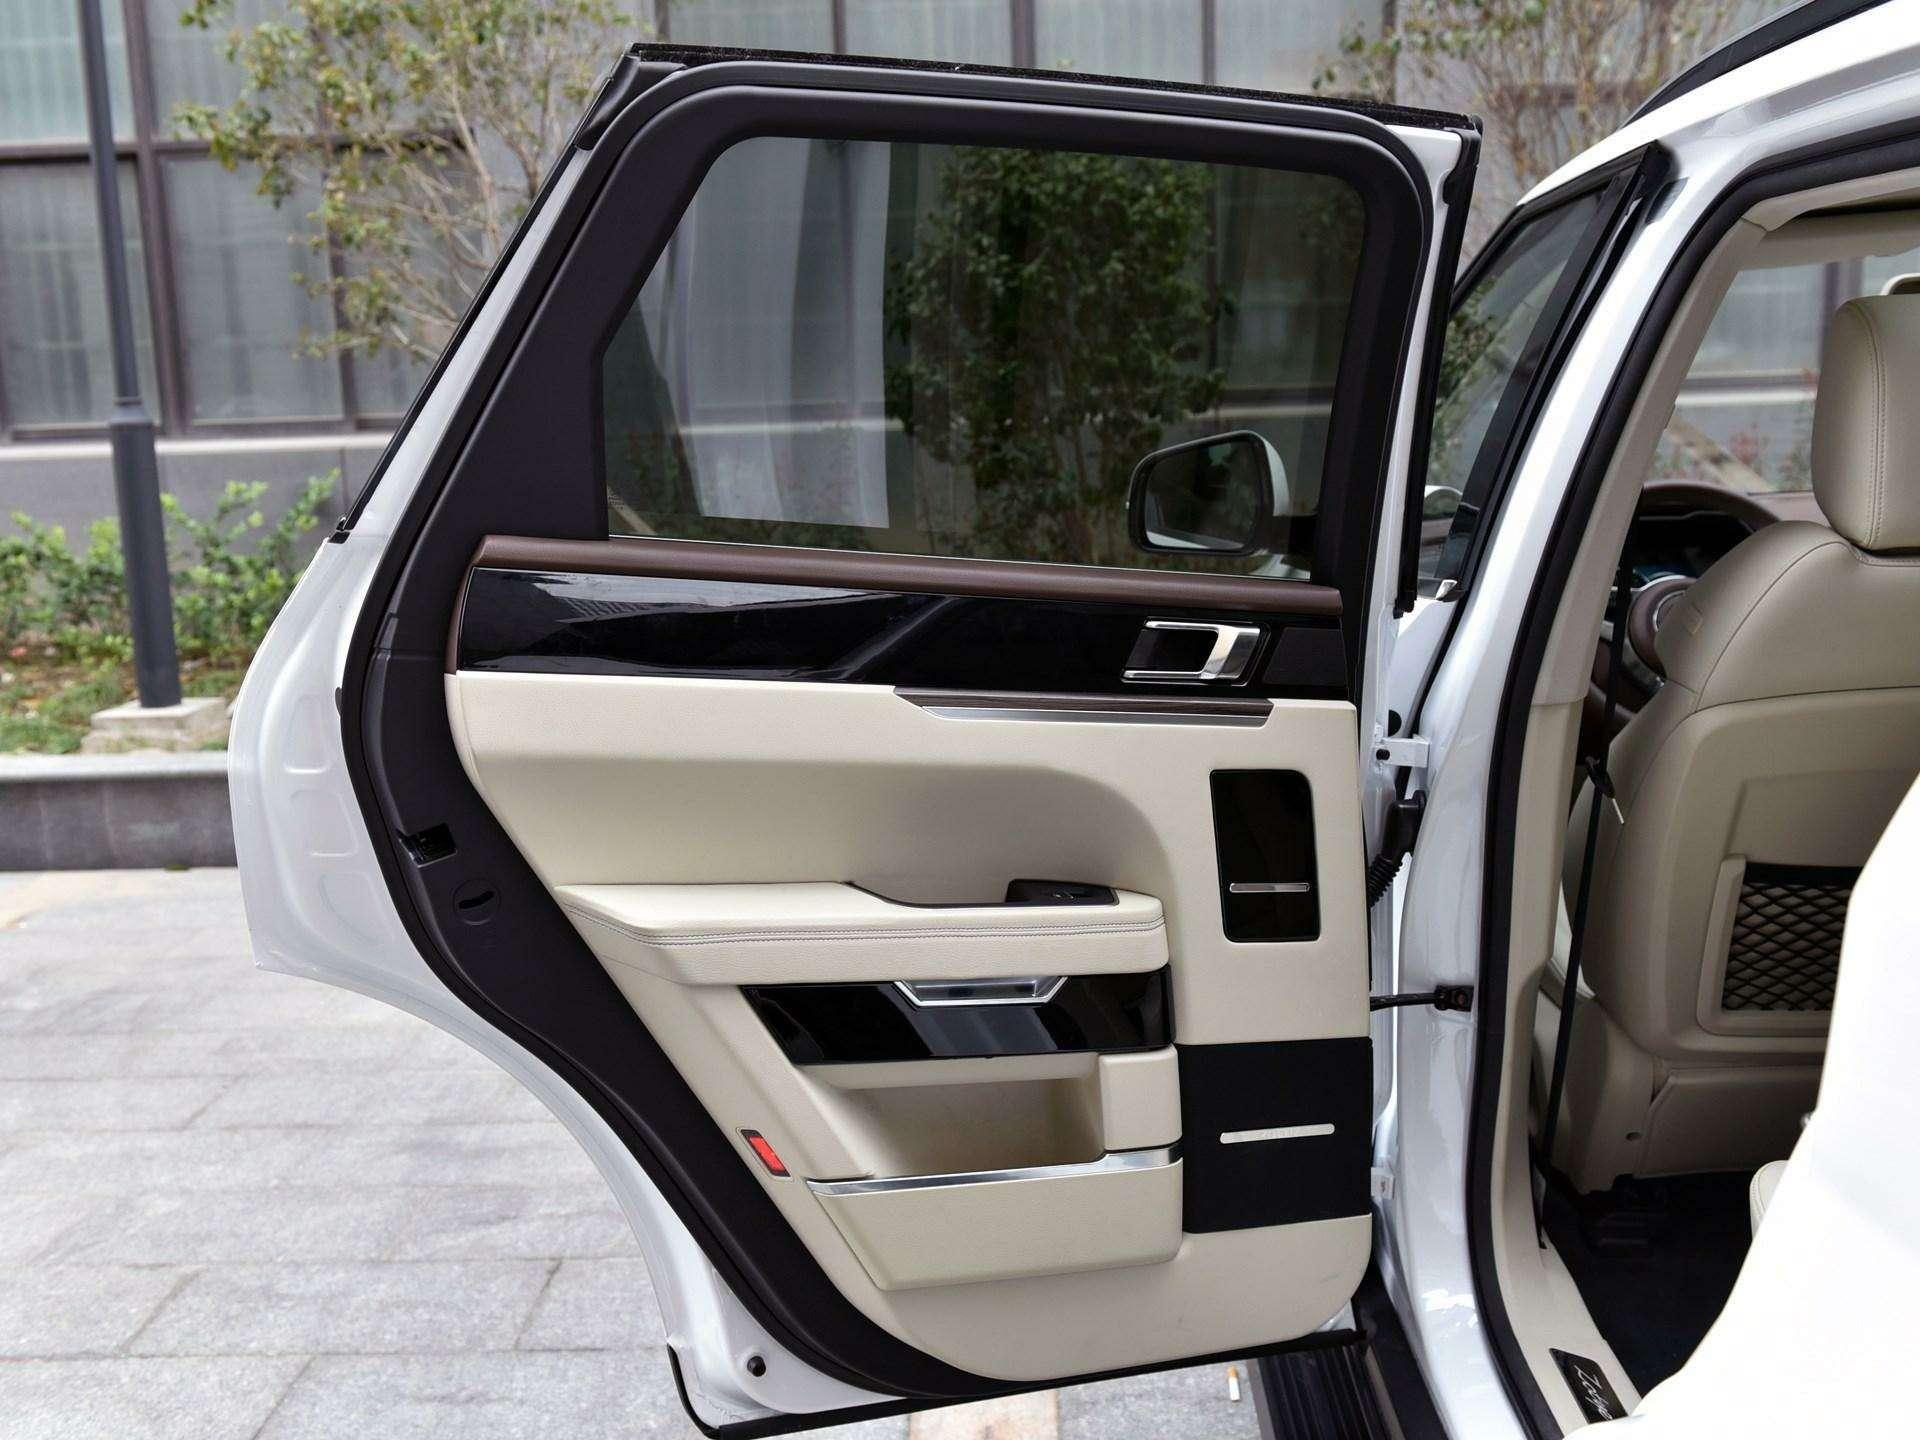 Jaguar иLand Rover водном флаконе: стартовало производство кроссовера Zotye T700— фото 727970